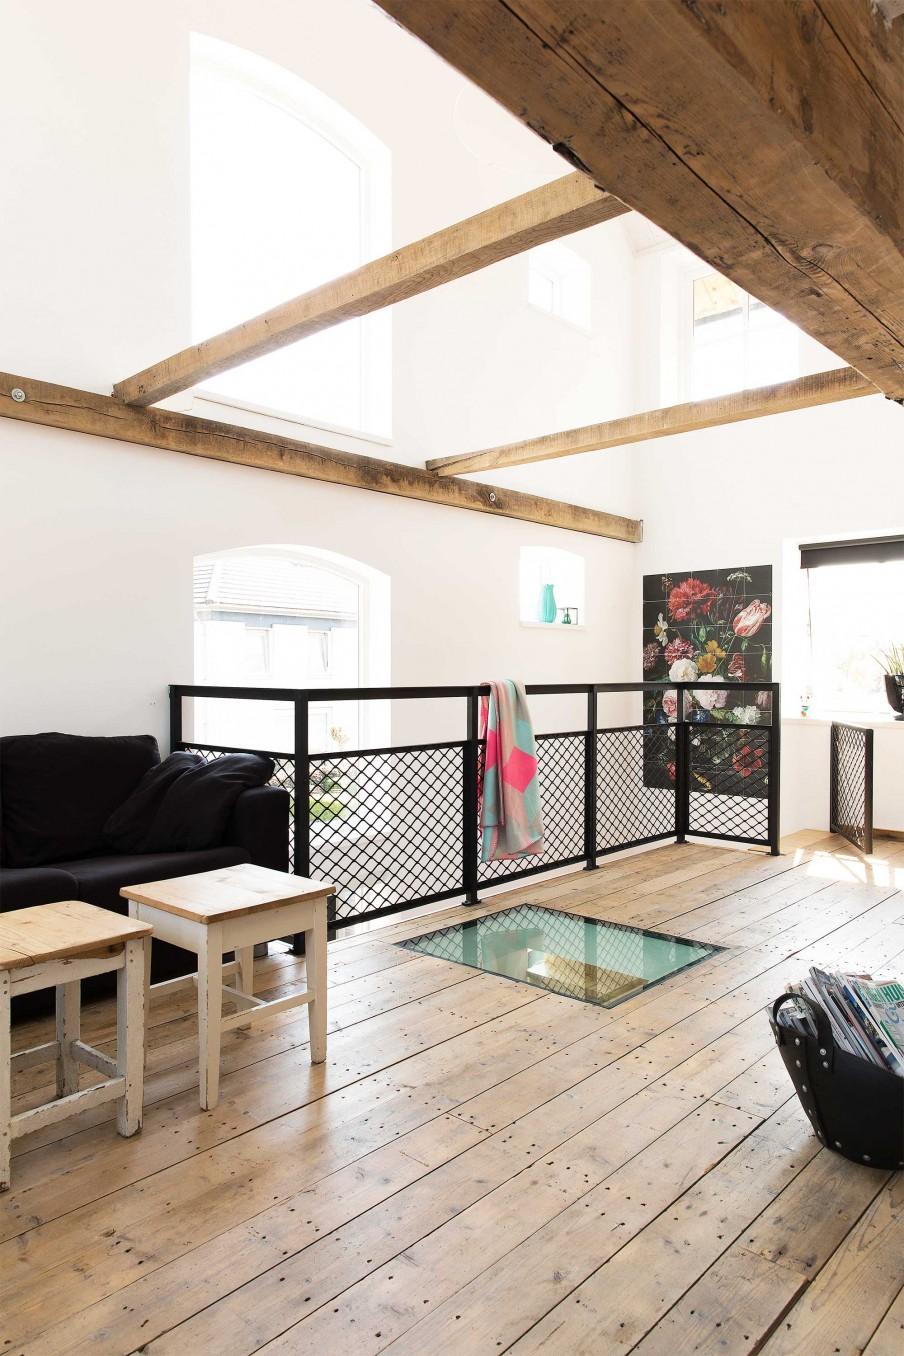 verriere atelier mezzanine parquet ancien garde corps grillage plafond vitre. Black Bedroom Furniture Sets. Home Design Ideas